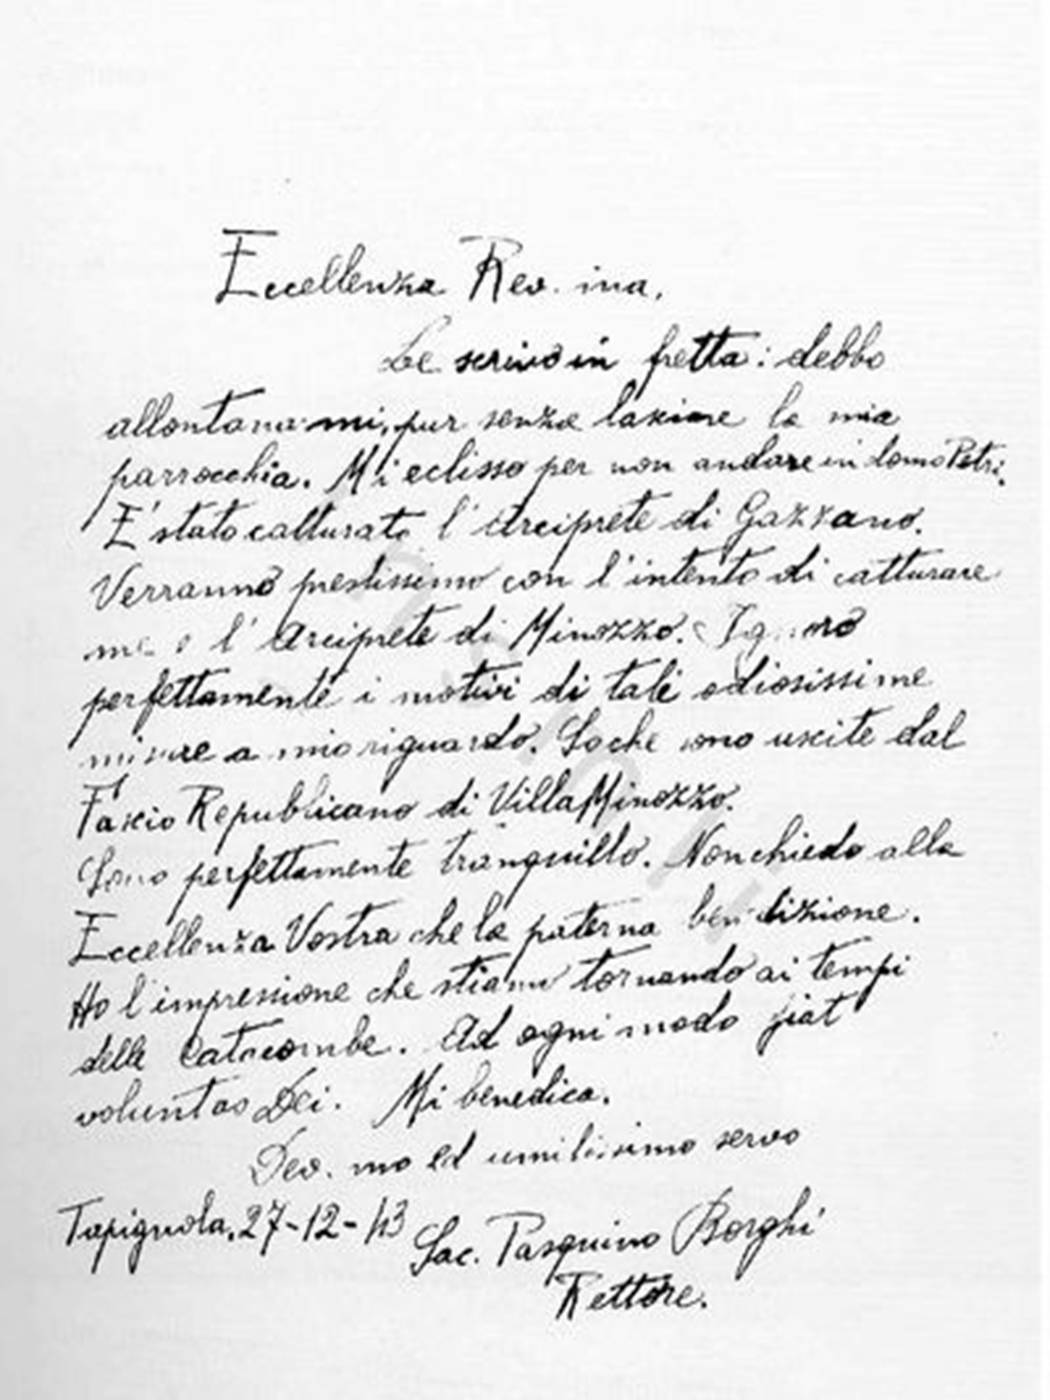 ULTIMA LETTERA SCRITTA DA DON PASQUINO BORGHI AL VESCOVO DI REGGIO EMILIA ARCHIVIO ISTORECO, TAPIGNOLA (RE) 27 DICEMBRE 1943